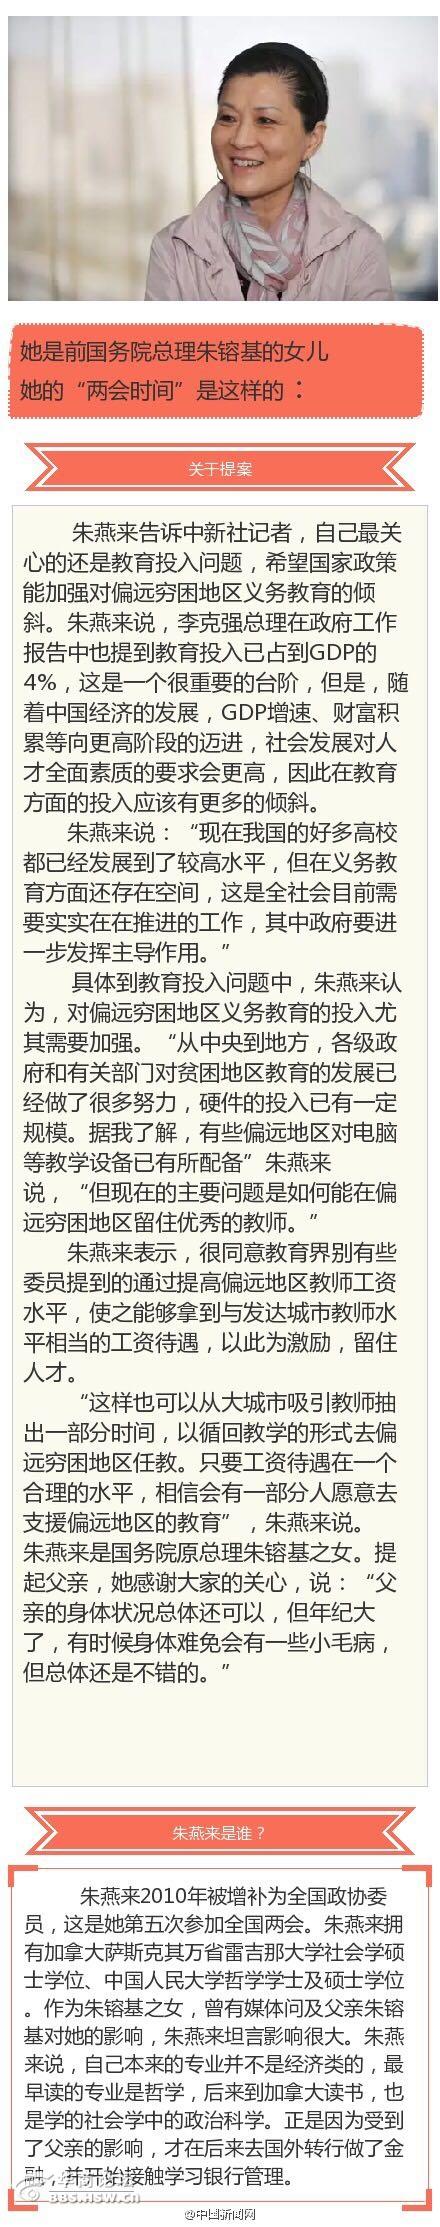 中国 新闻 网 记者 彭 大伟 马 佳佳